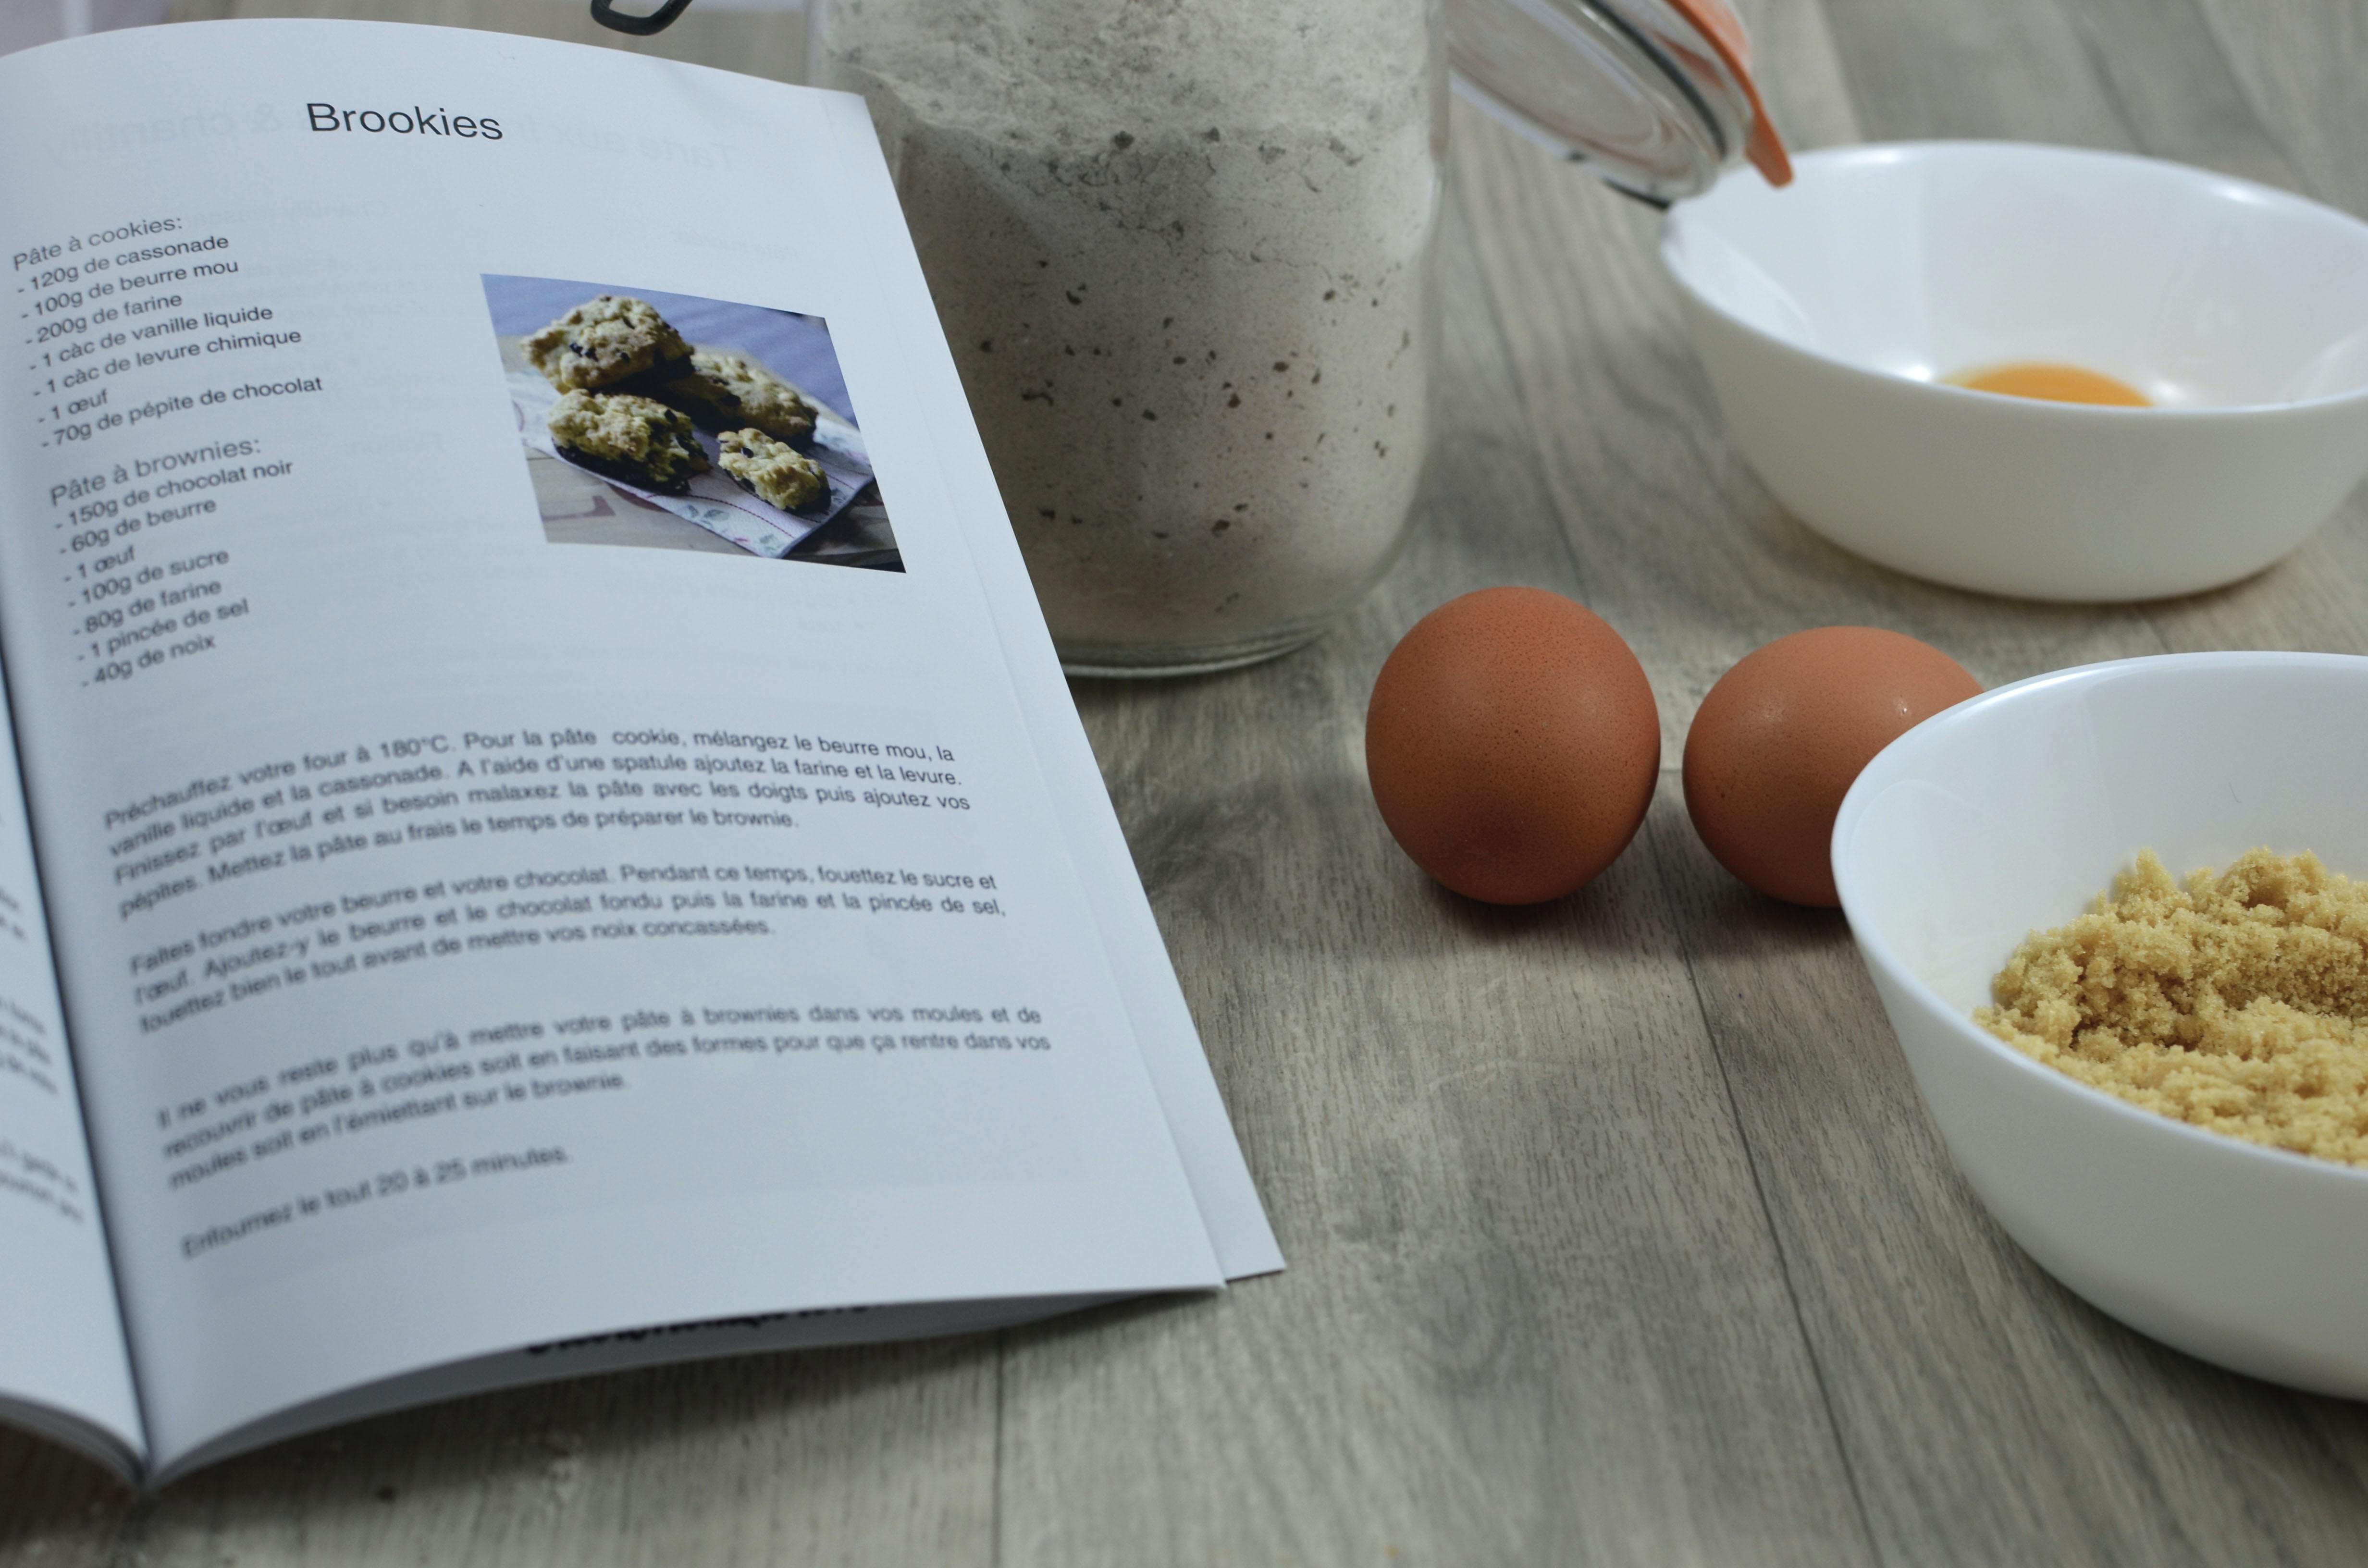 créer son livre de recette avec creermonlivre.com - quand julie ... - Creer Un Livre De Recette De Cuisine